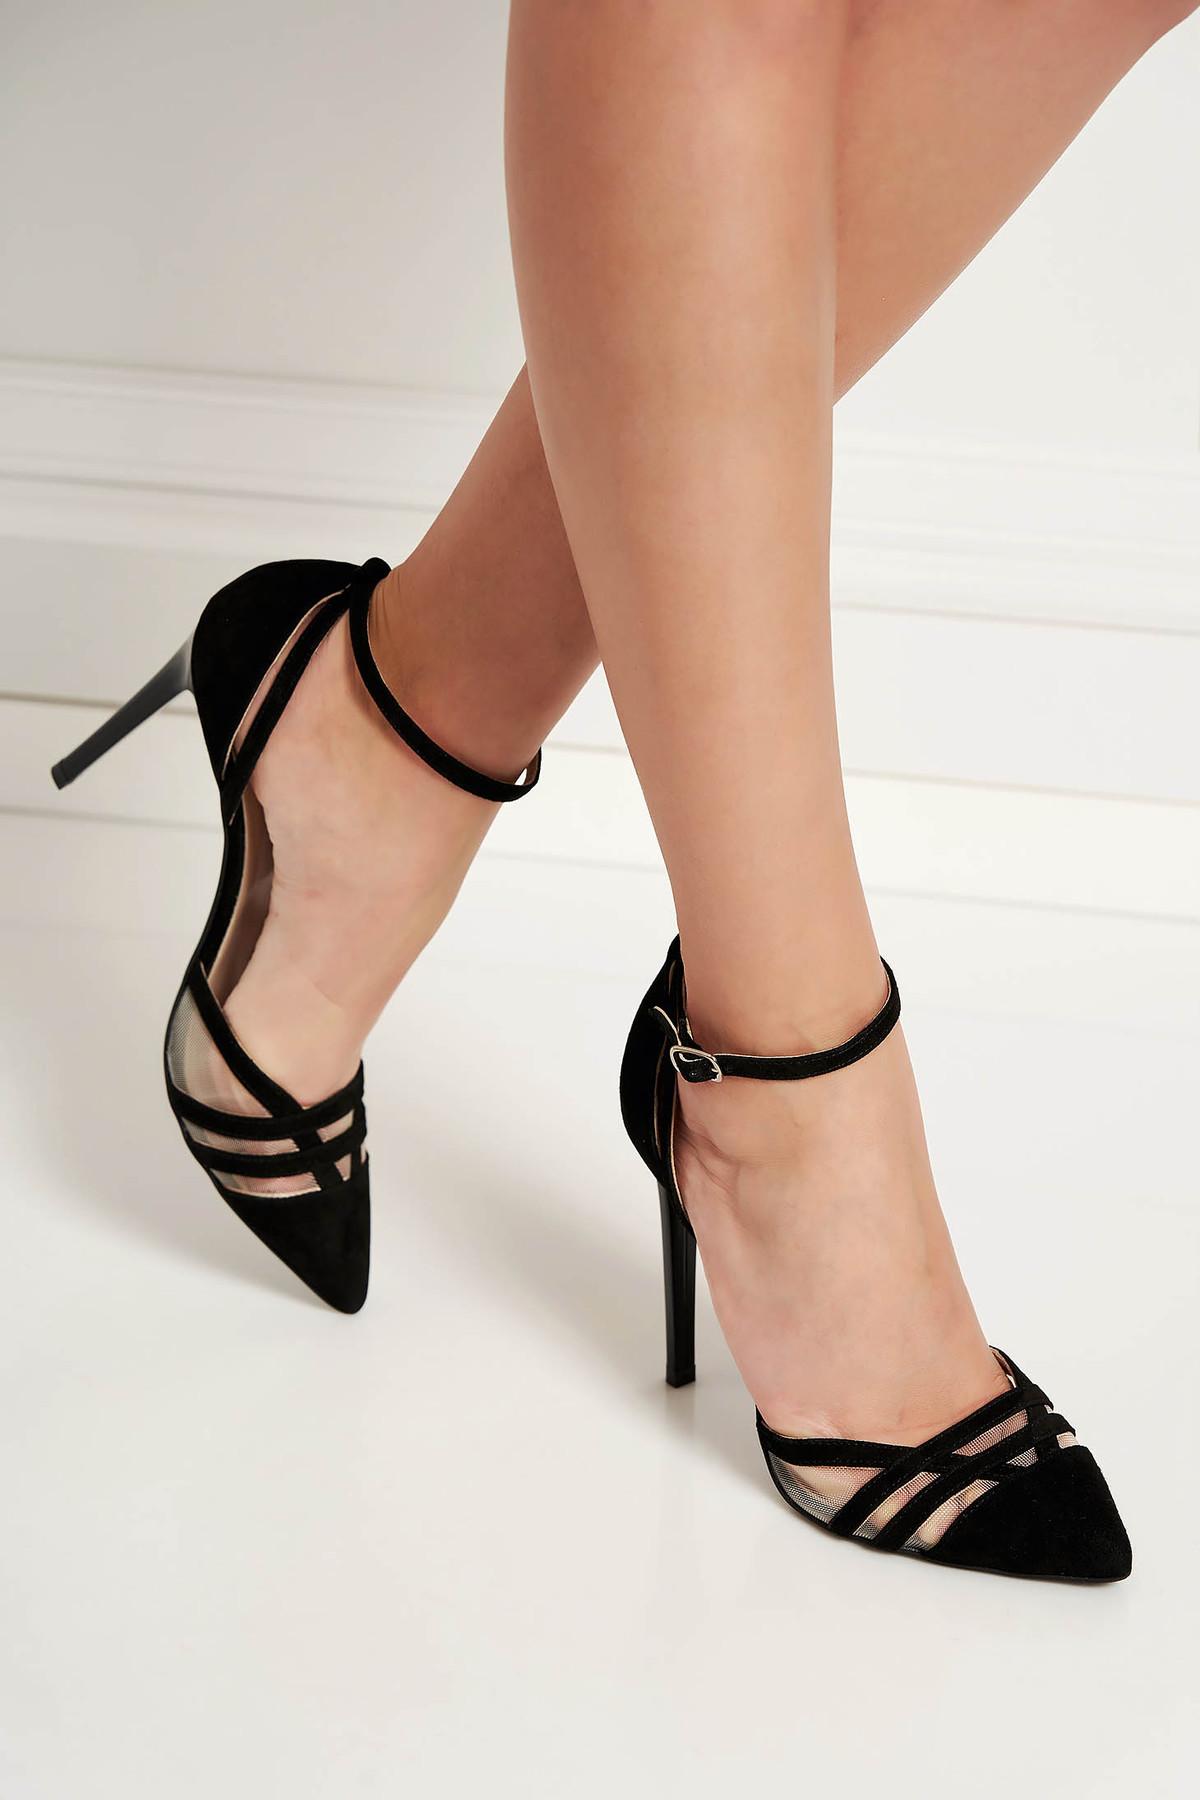 Pantofi negri eleganti din piele naturala cu barete subtiri cu toc inalt